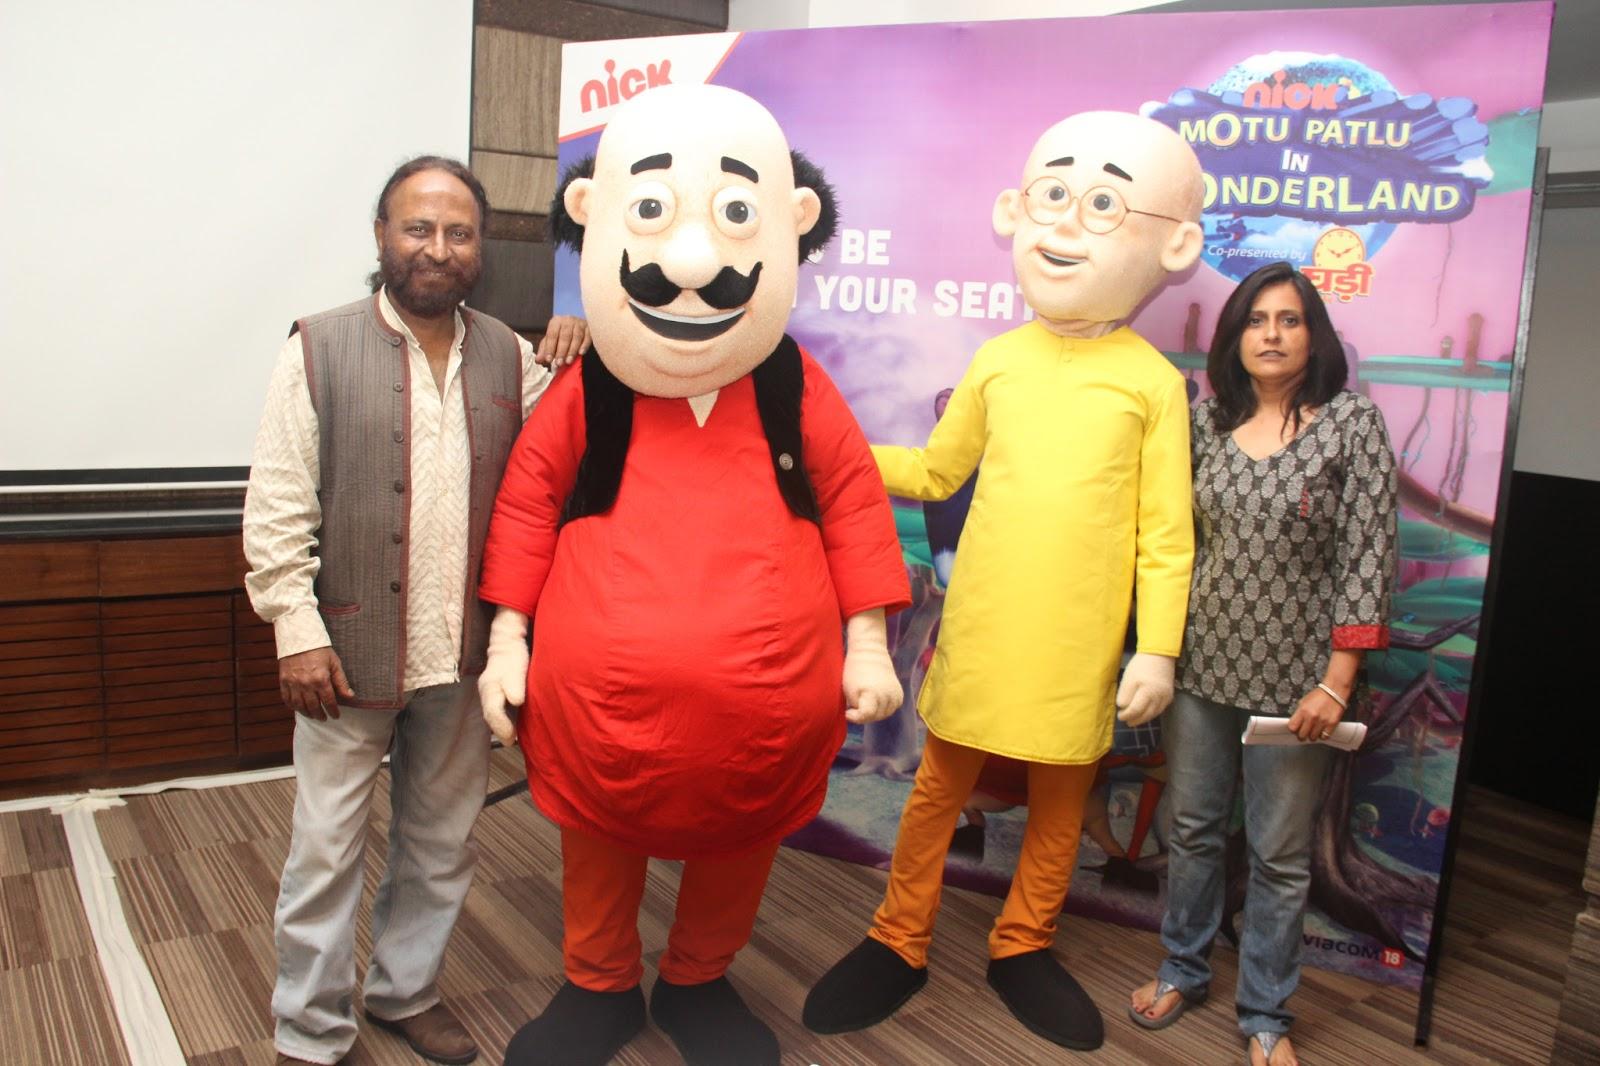 Motu Patlu In Wonderland Full Movie In Hindi Stan Lee Marvel